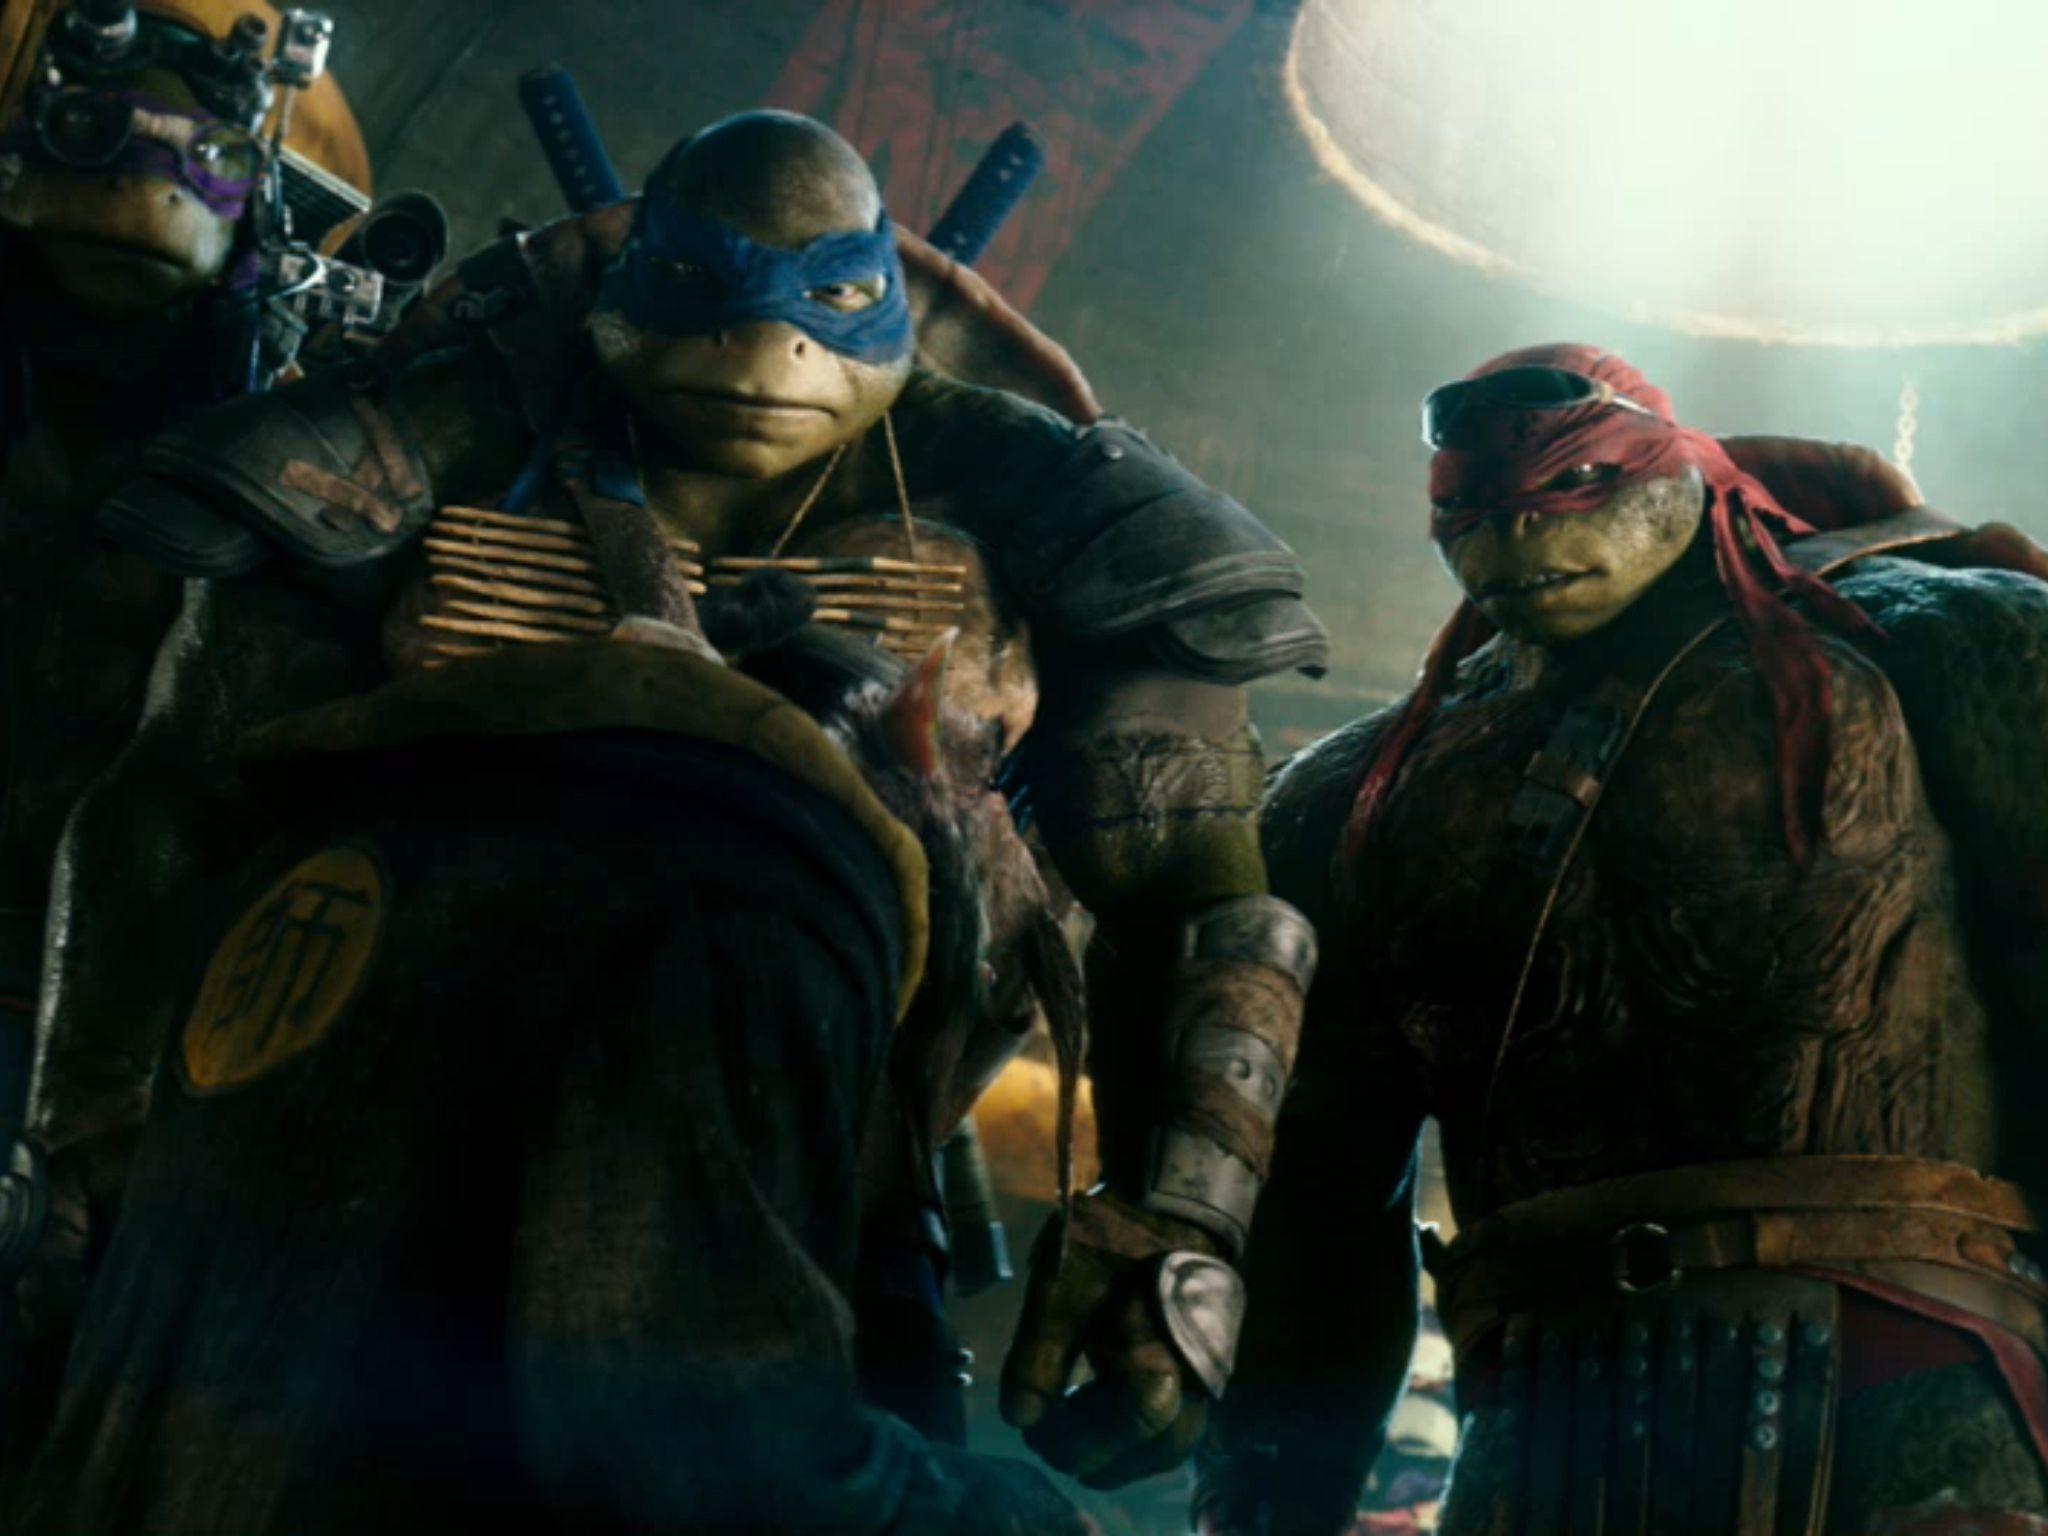 Leo And Raph And Donnie And Master Splinter Teenage Mutant Ninja Turtles Movie Ninja Turtles Movie Tmnt